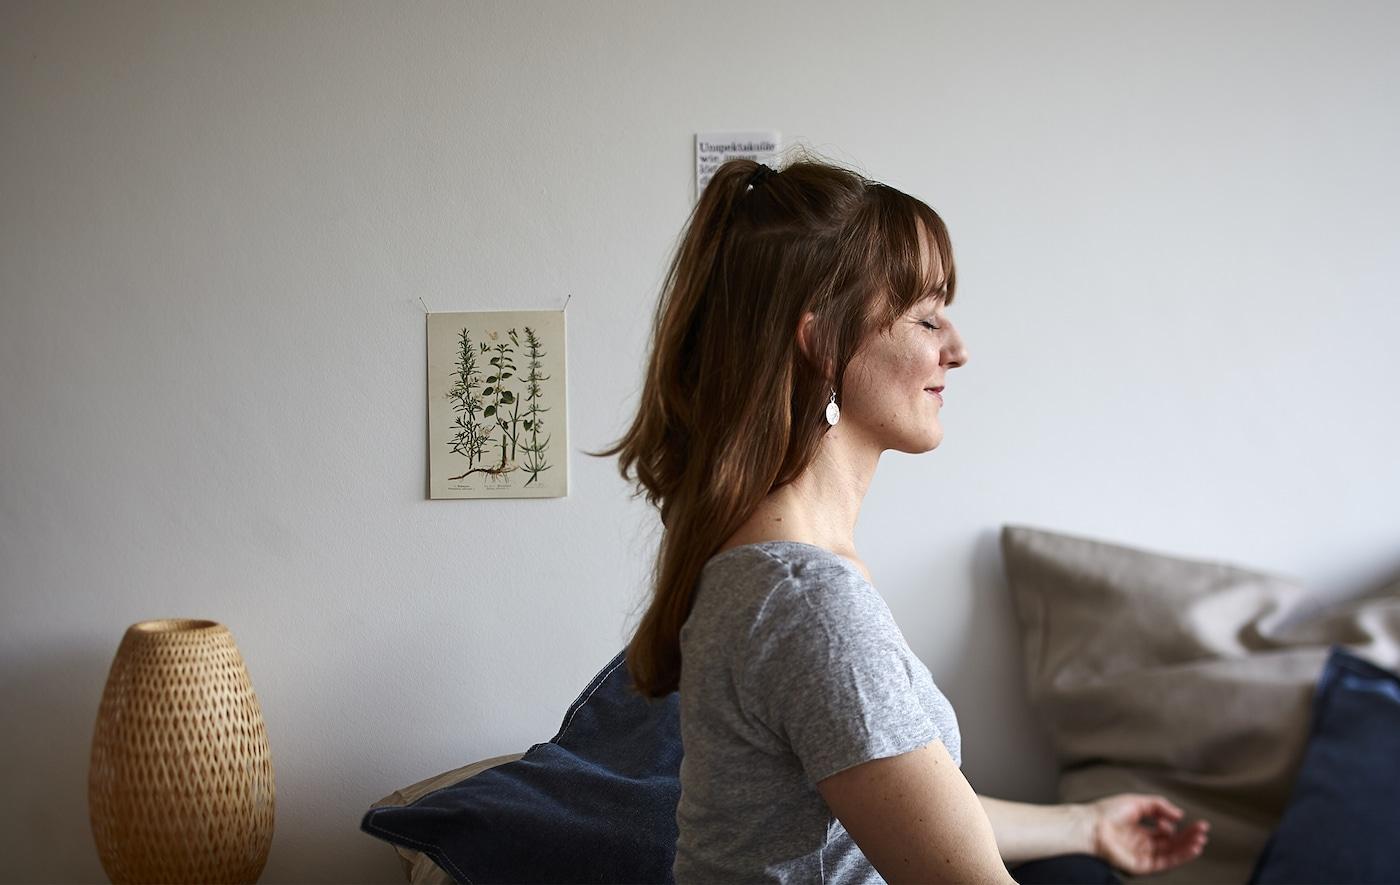 Ein Foto von Eva in einer Yogastellung